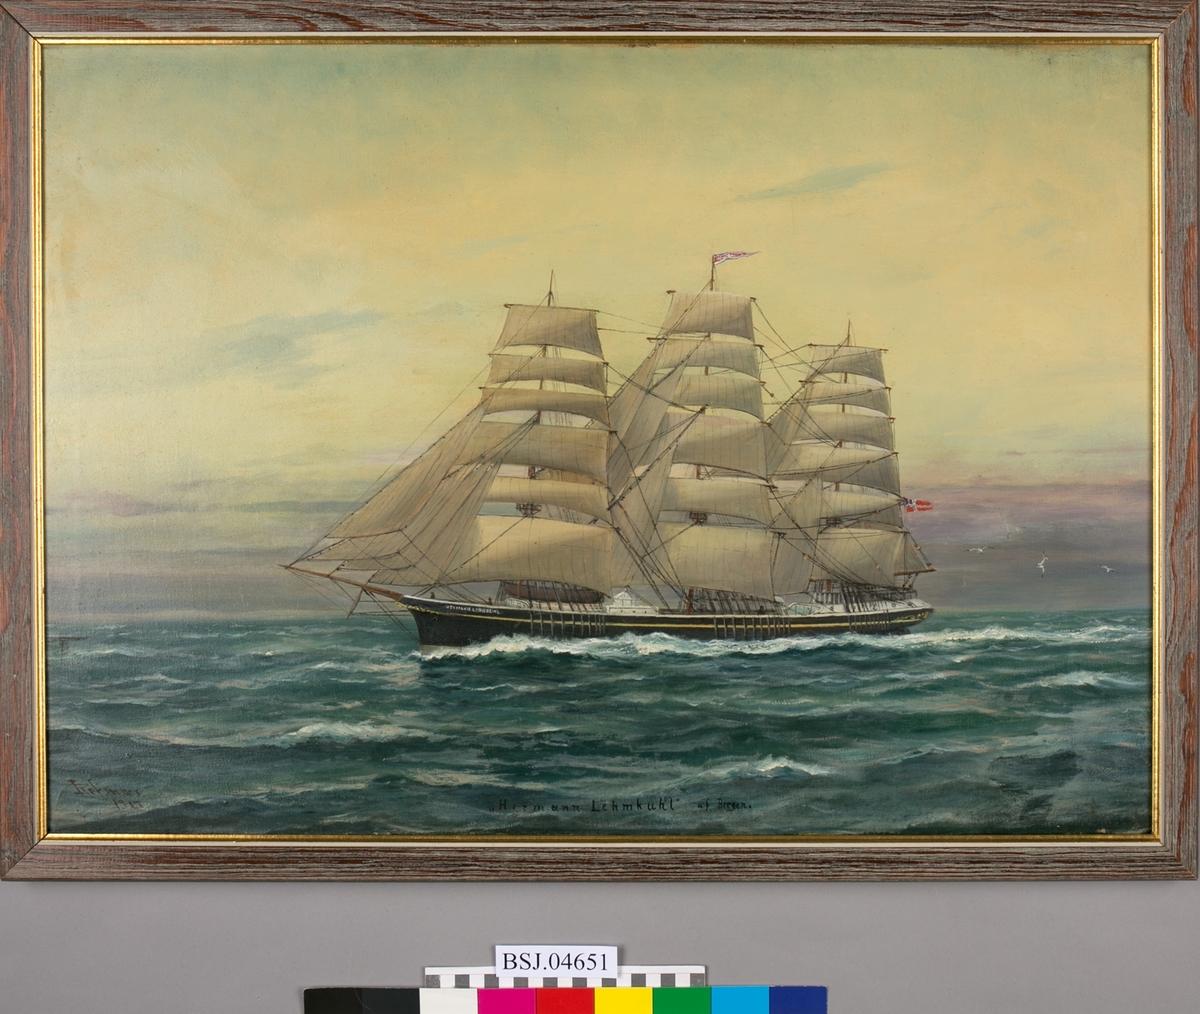 Fullrigger HERMAN LEHMKUHL på åpent hav. Full seilføring, og vimpel med skipets navn i masten. Norsk unionsflagg i akter (Sildesalaten). Motivet er sannsynligvis en kopi av et Sørvig-maleri (BSJ.00087).